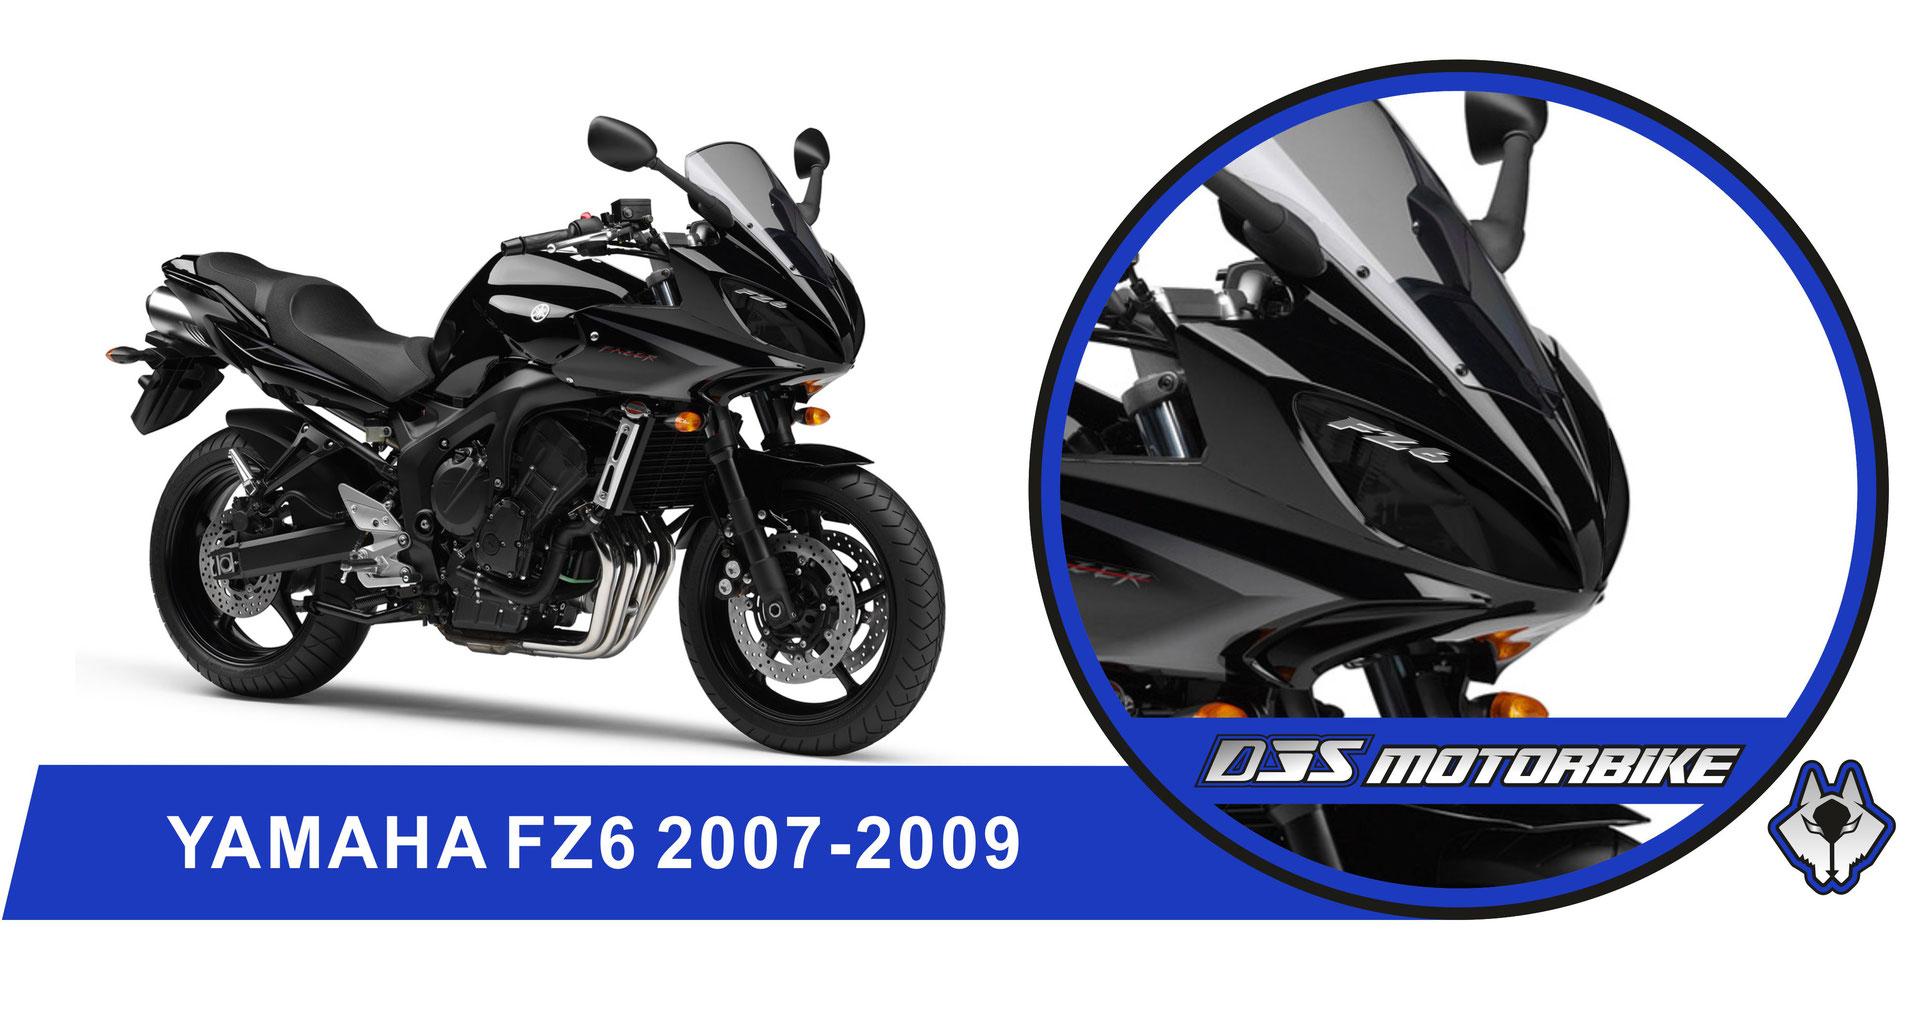 yamaha fz6 600 fazer s2 2007-2009